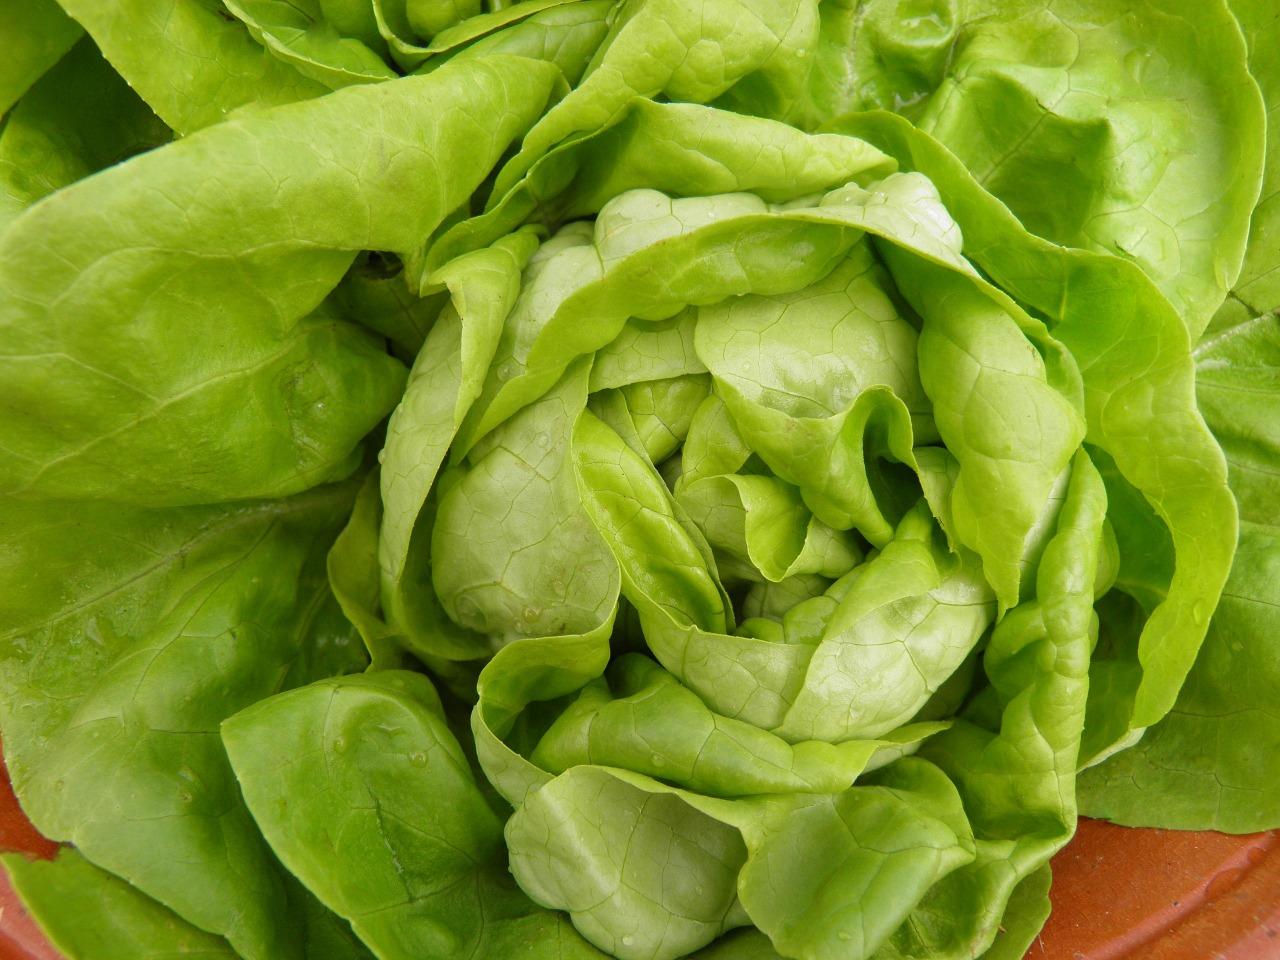 кочанный салат - сорта